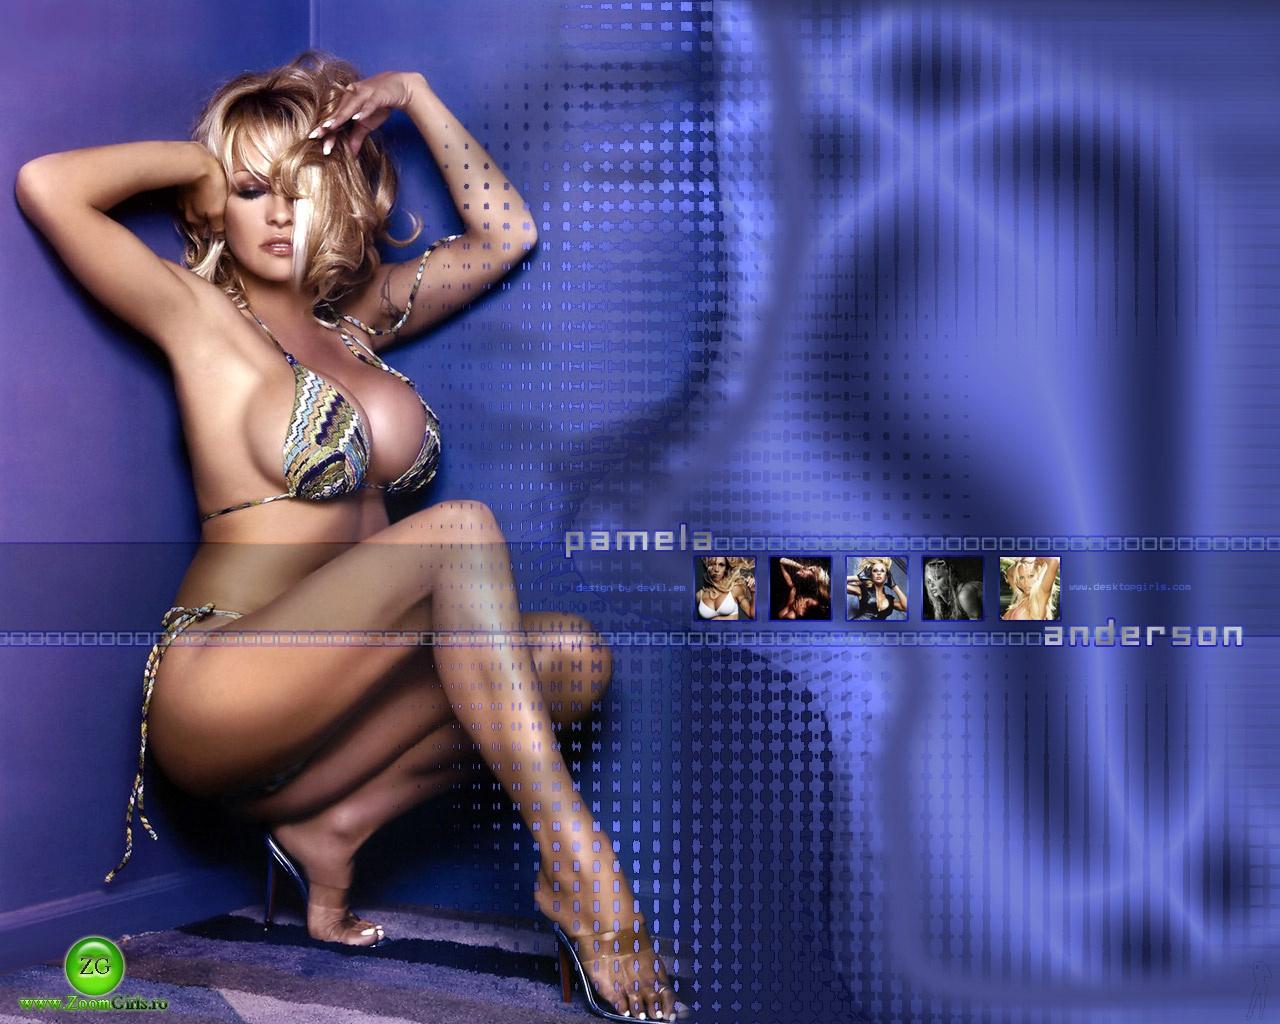 Sexy wallpaper calendar bikini